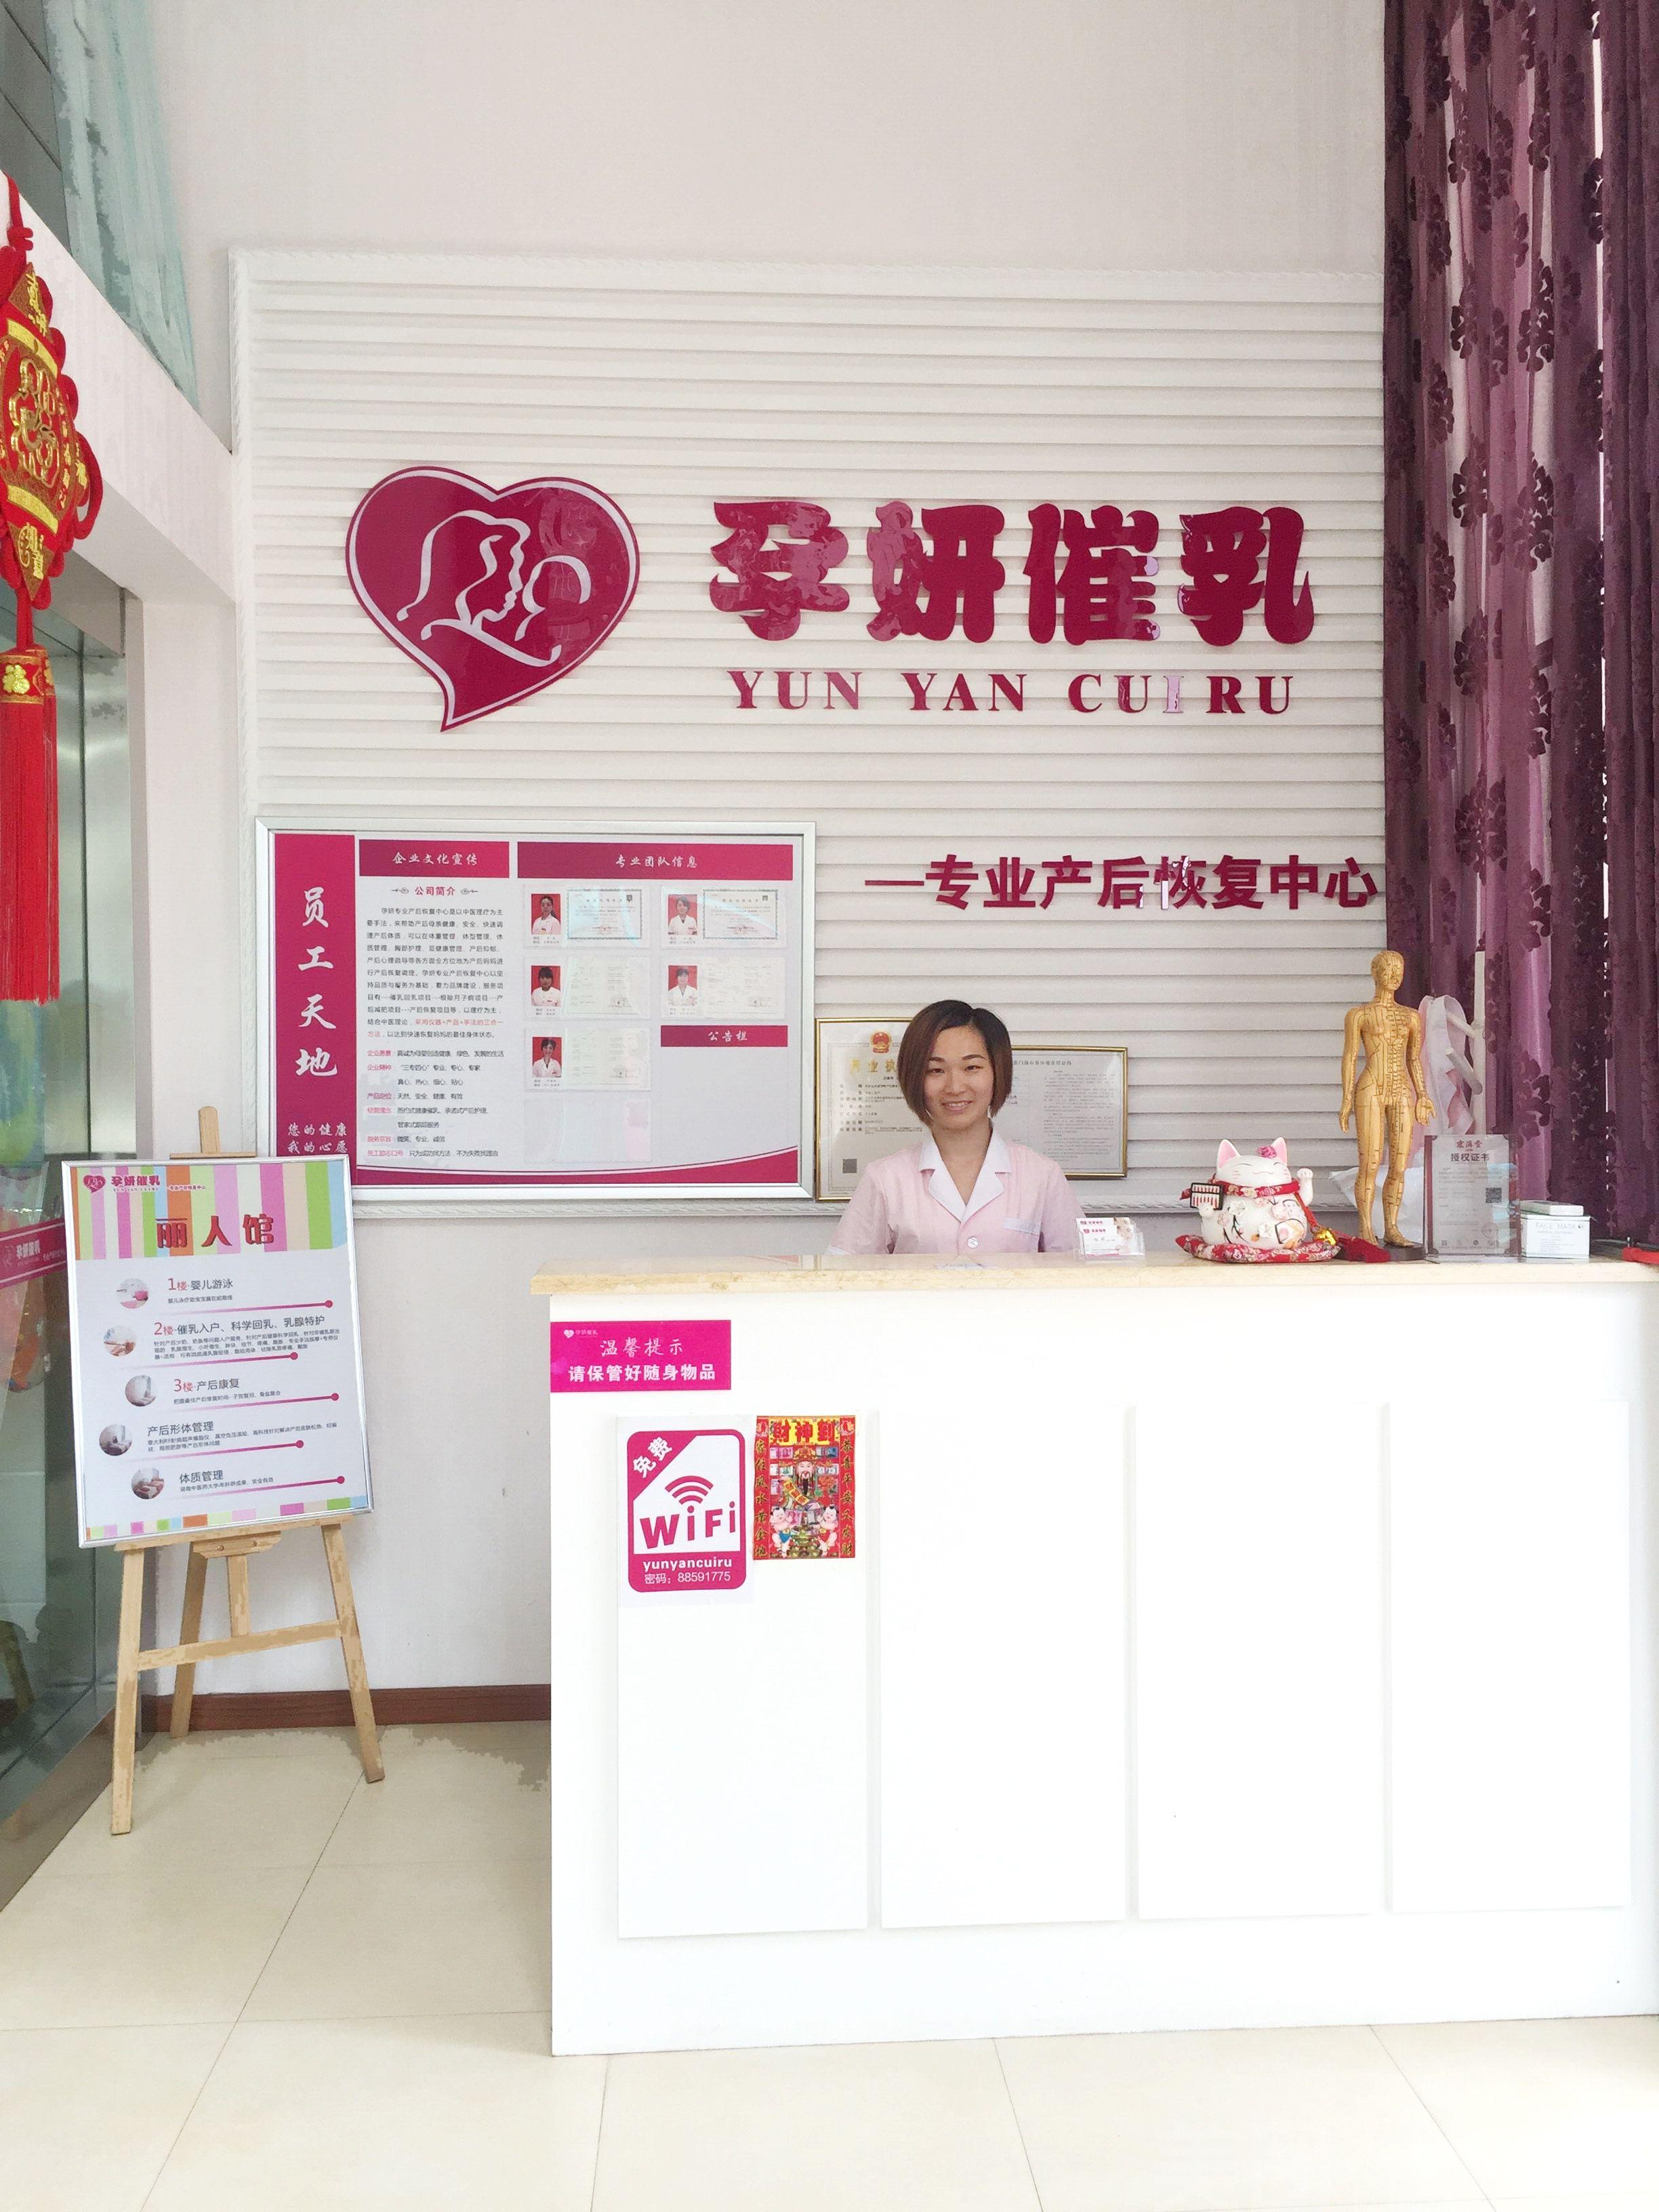 :长沙今日团购:【孕妍婴儿游泳&专业产后中心】单人哺乳期乳房护理